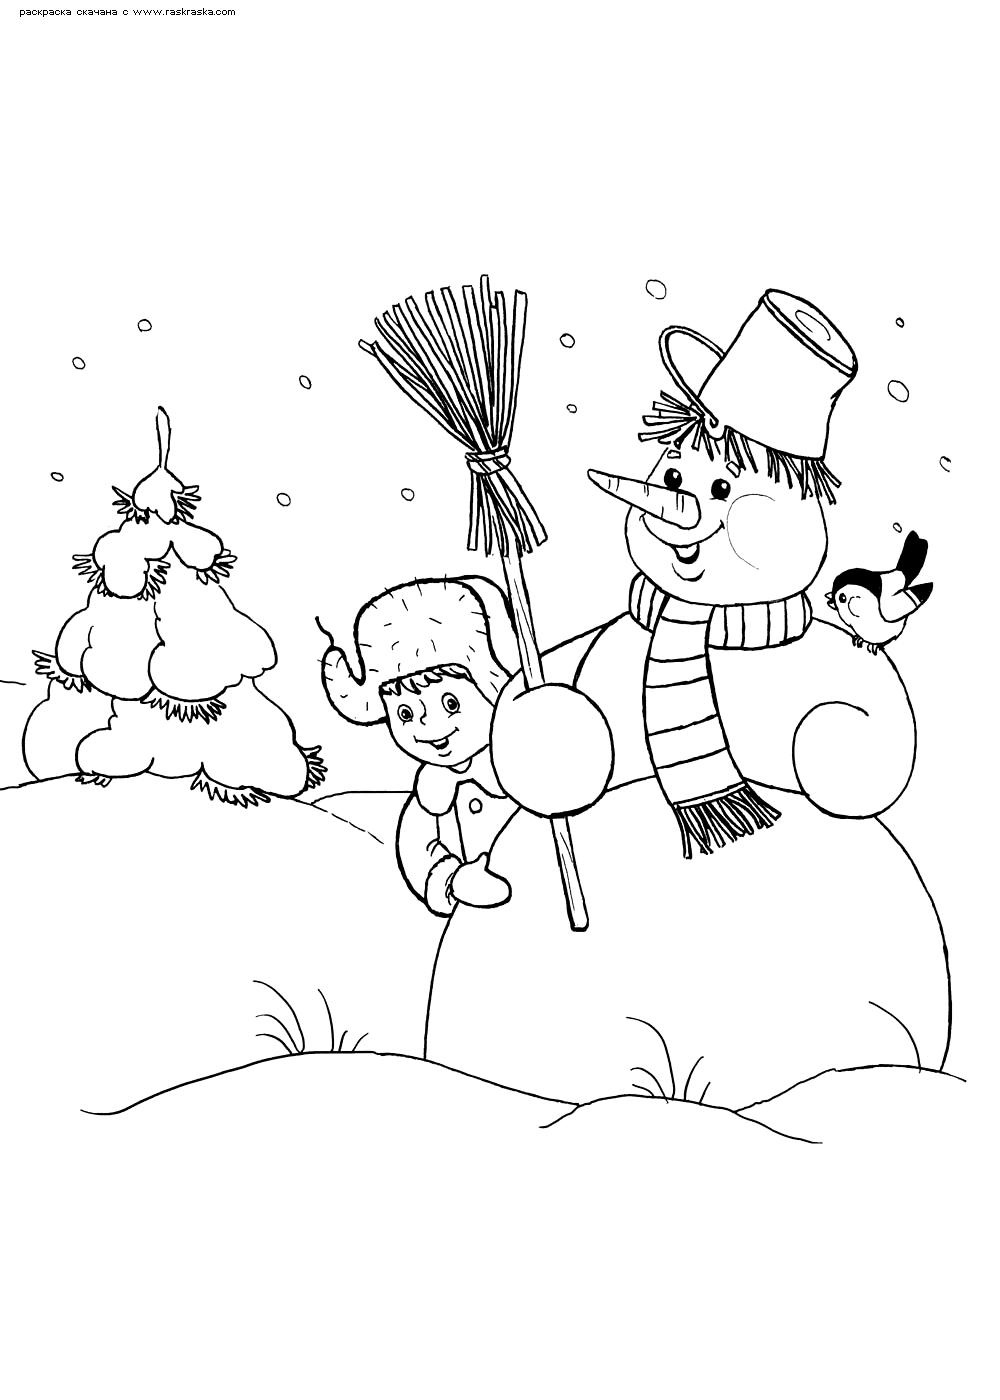 Раскраска Снеговик в зимнем лесу. Раскраска снеговик, зима